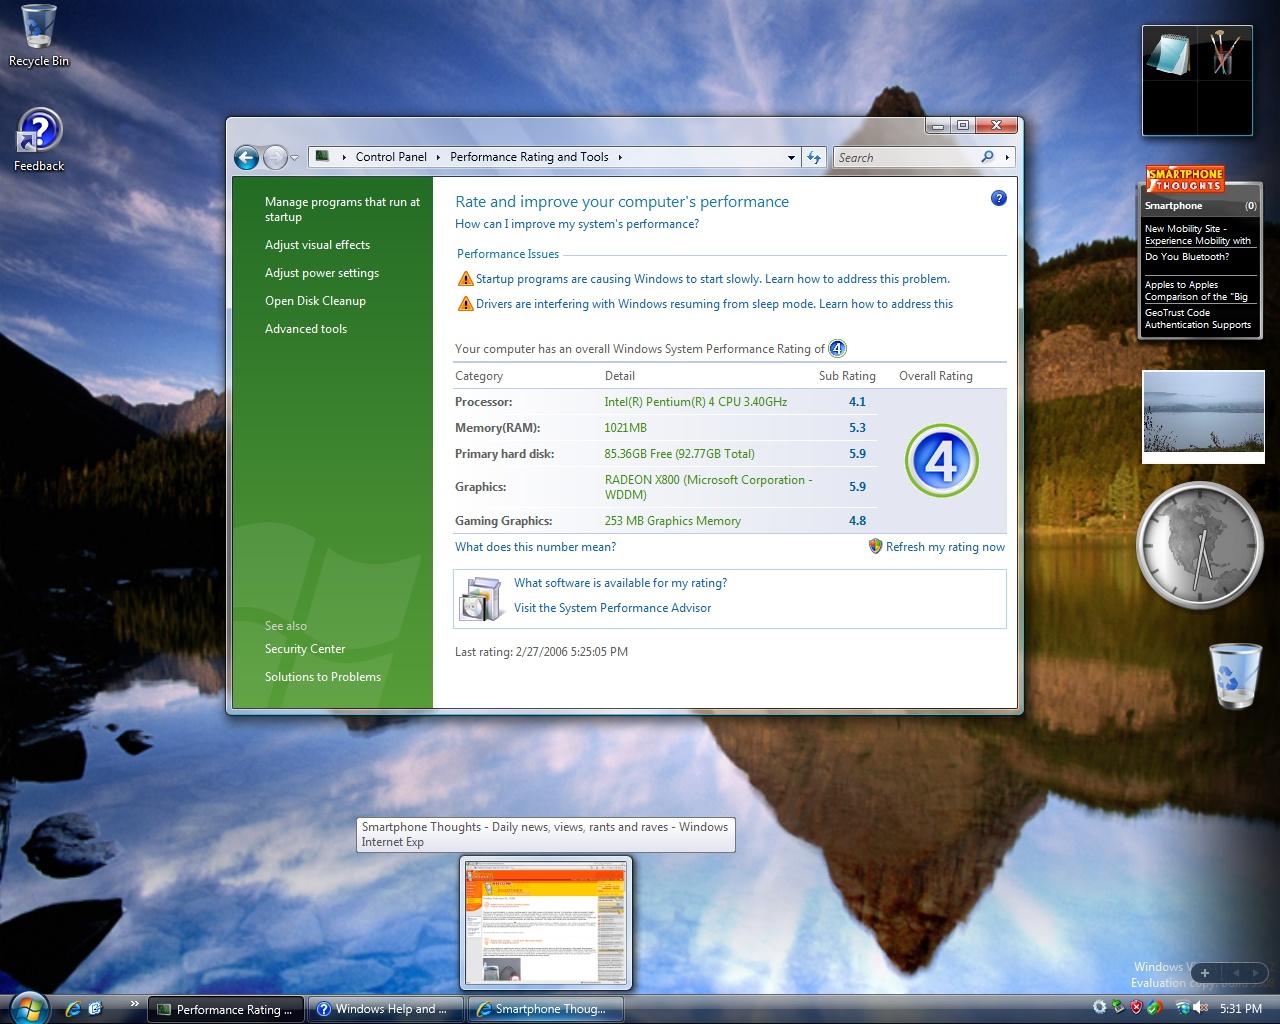 http://2.bp.blogspot.com/-h3_nihivDBQ/T_a3xyFWWuI/AAAAAAAADYE/EHi1b7Fi-nc/I/Windows%252520Vista%252520%2525284%252529.jpg